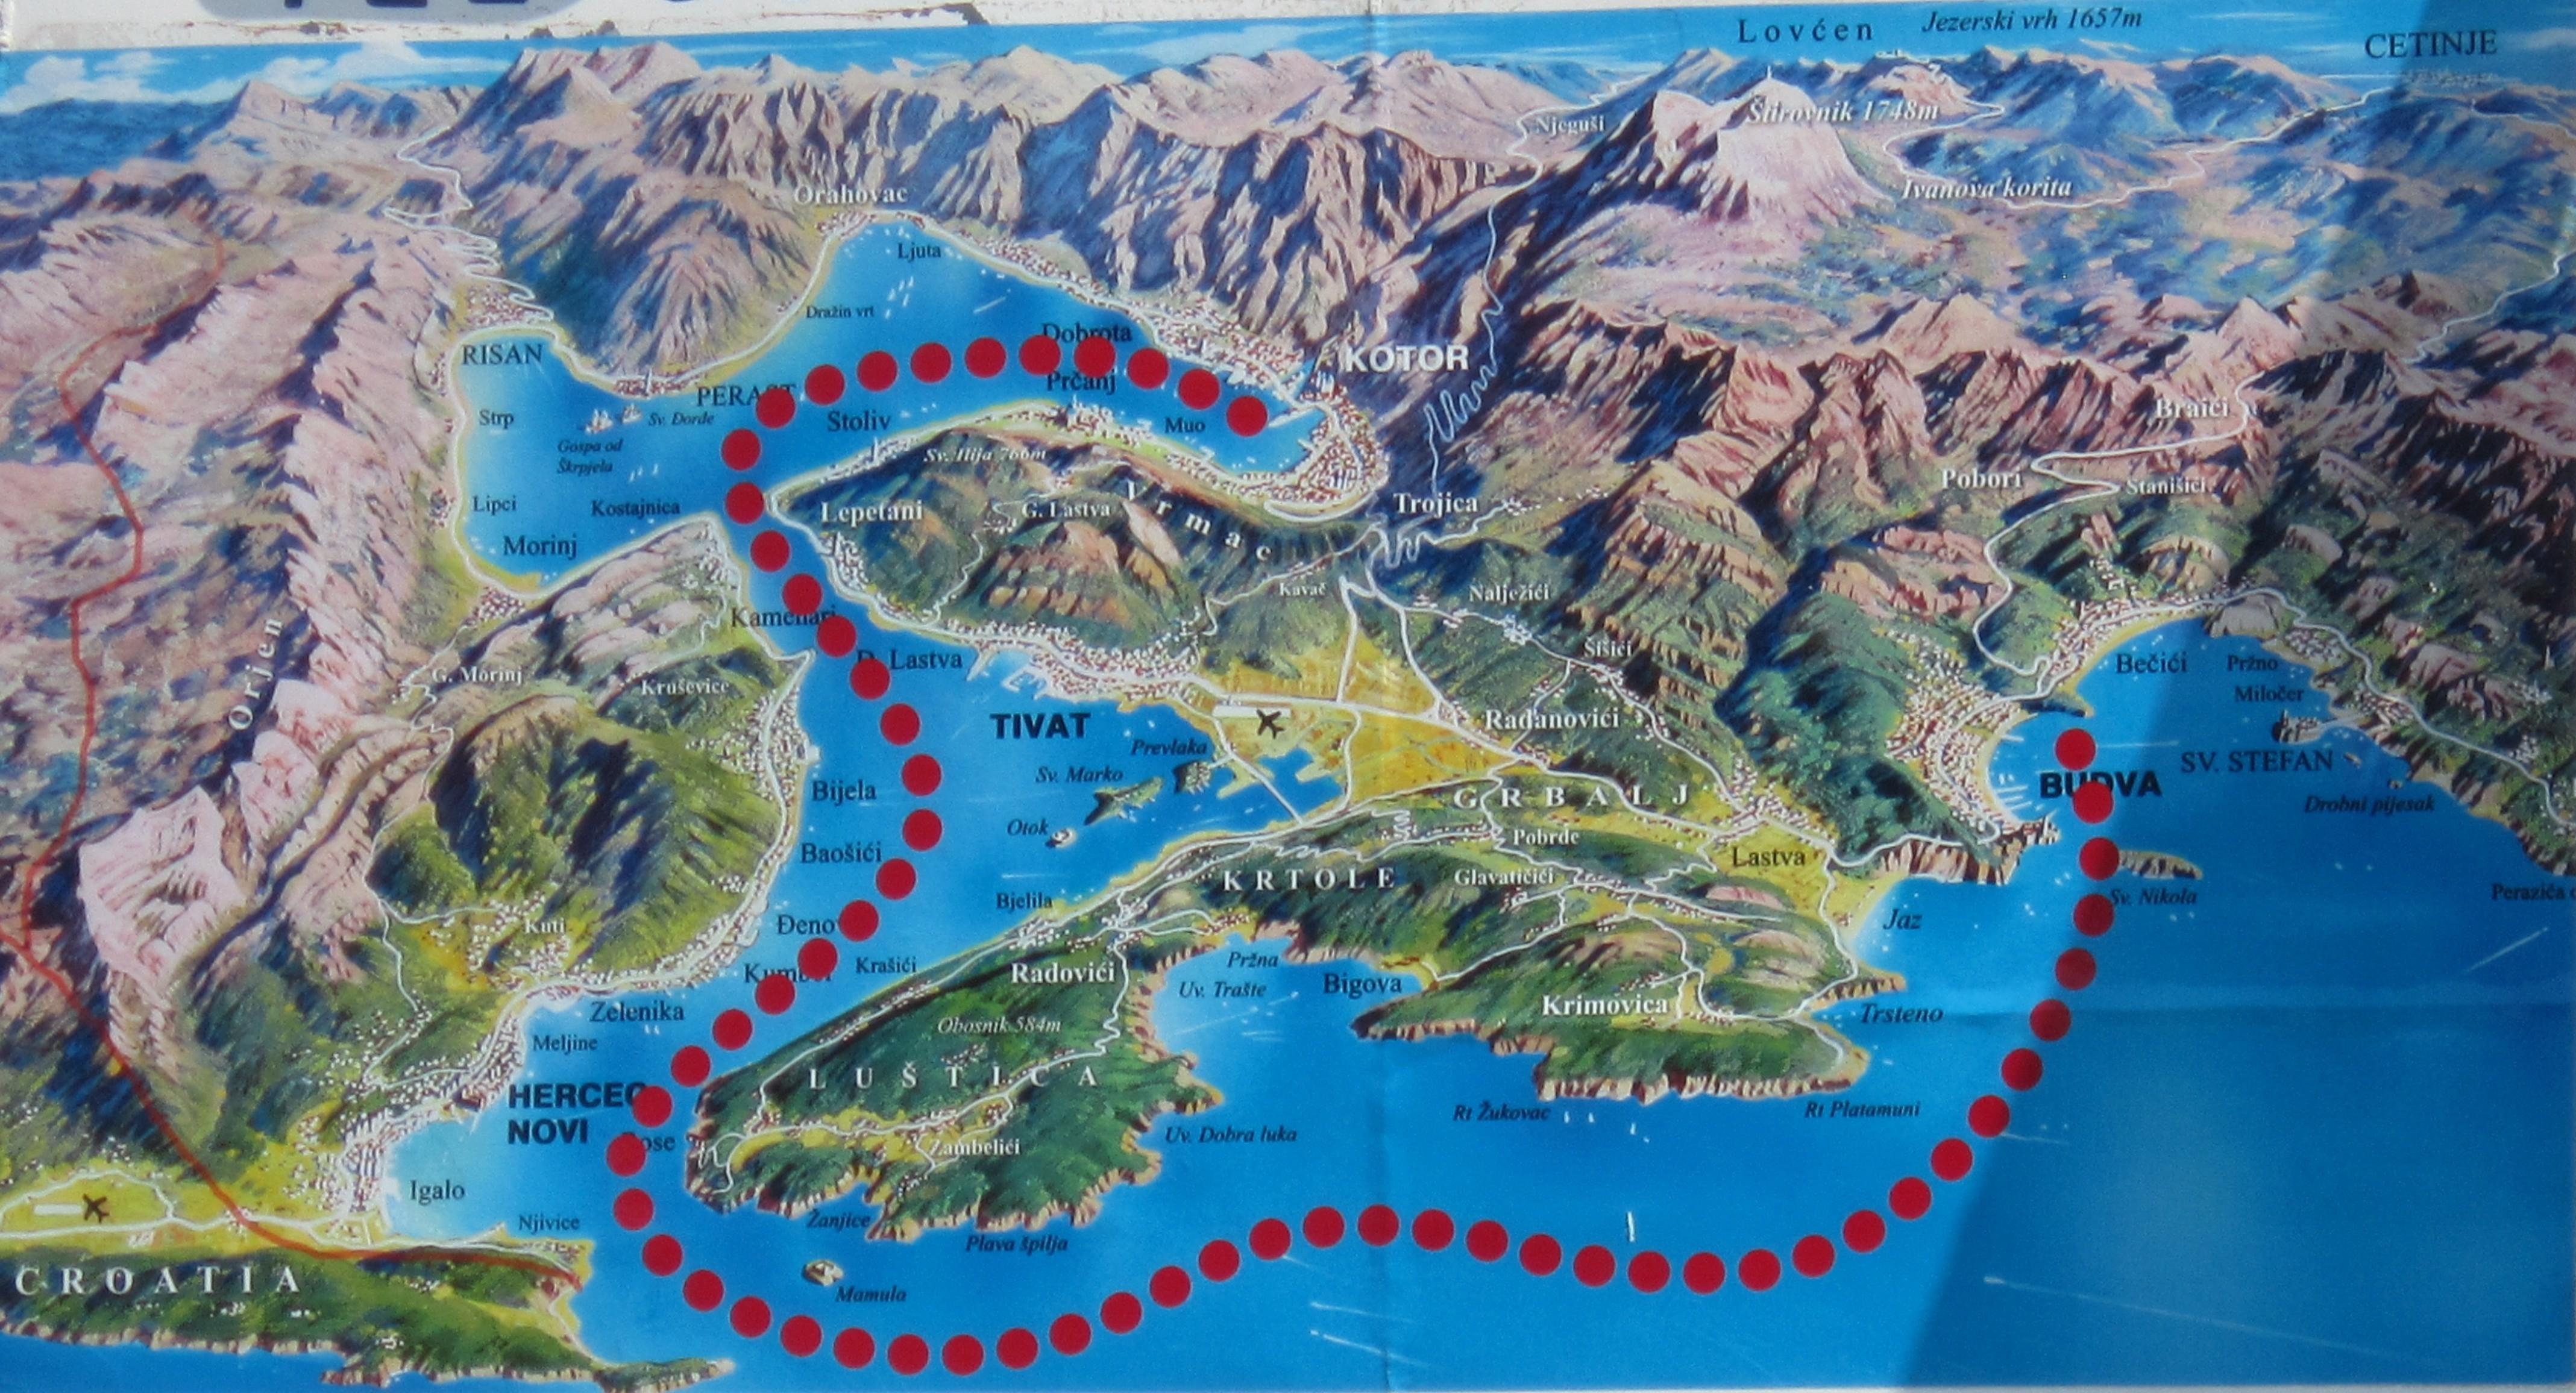 Которский залив - самый южный фьорд Европы